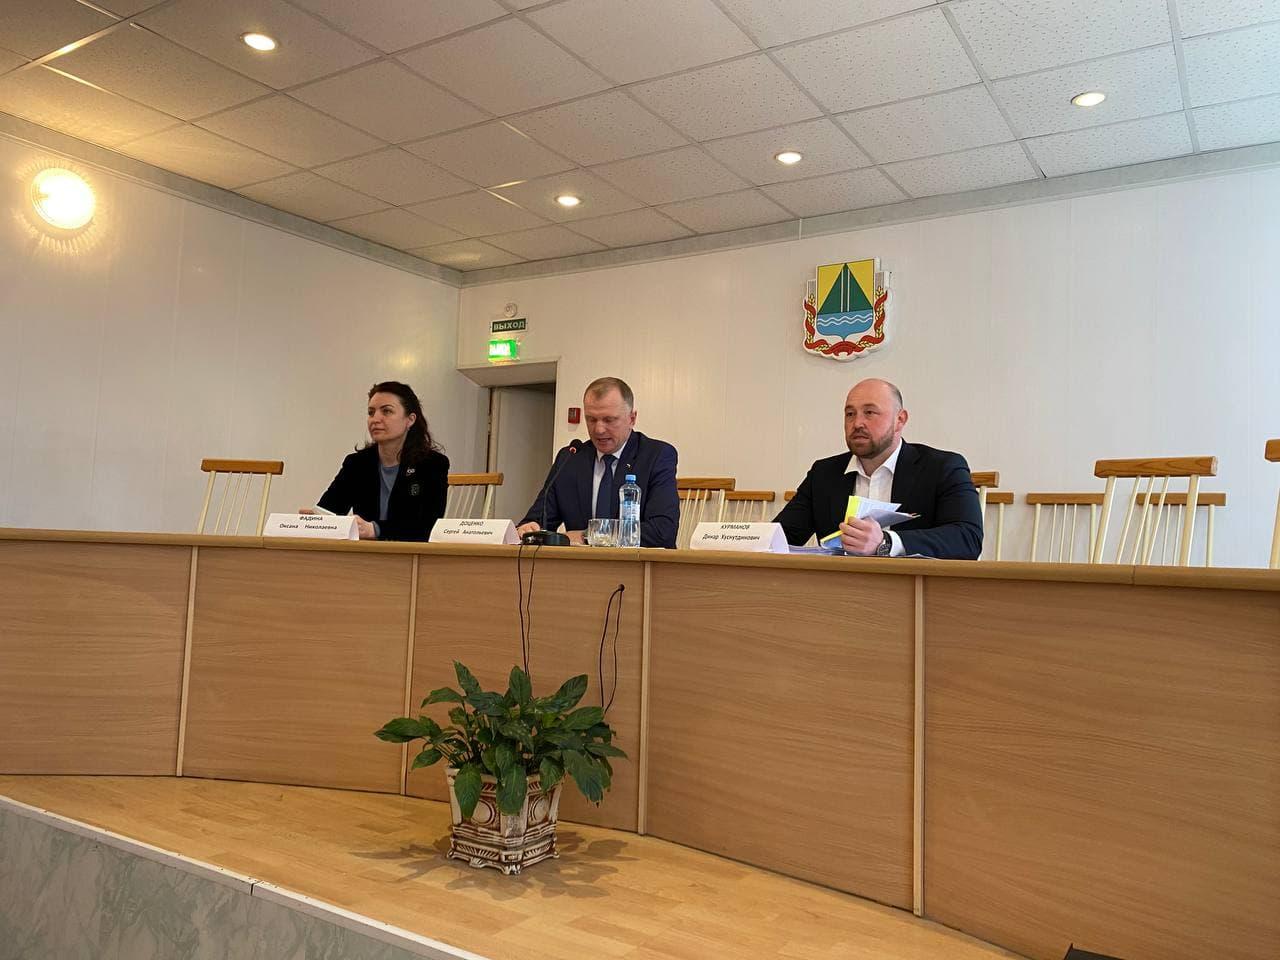 Оксана Фадина выступила на профсоюзном форуме в Называевском районе